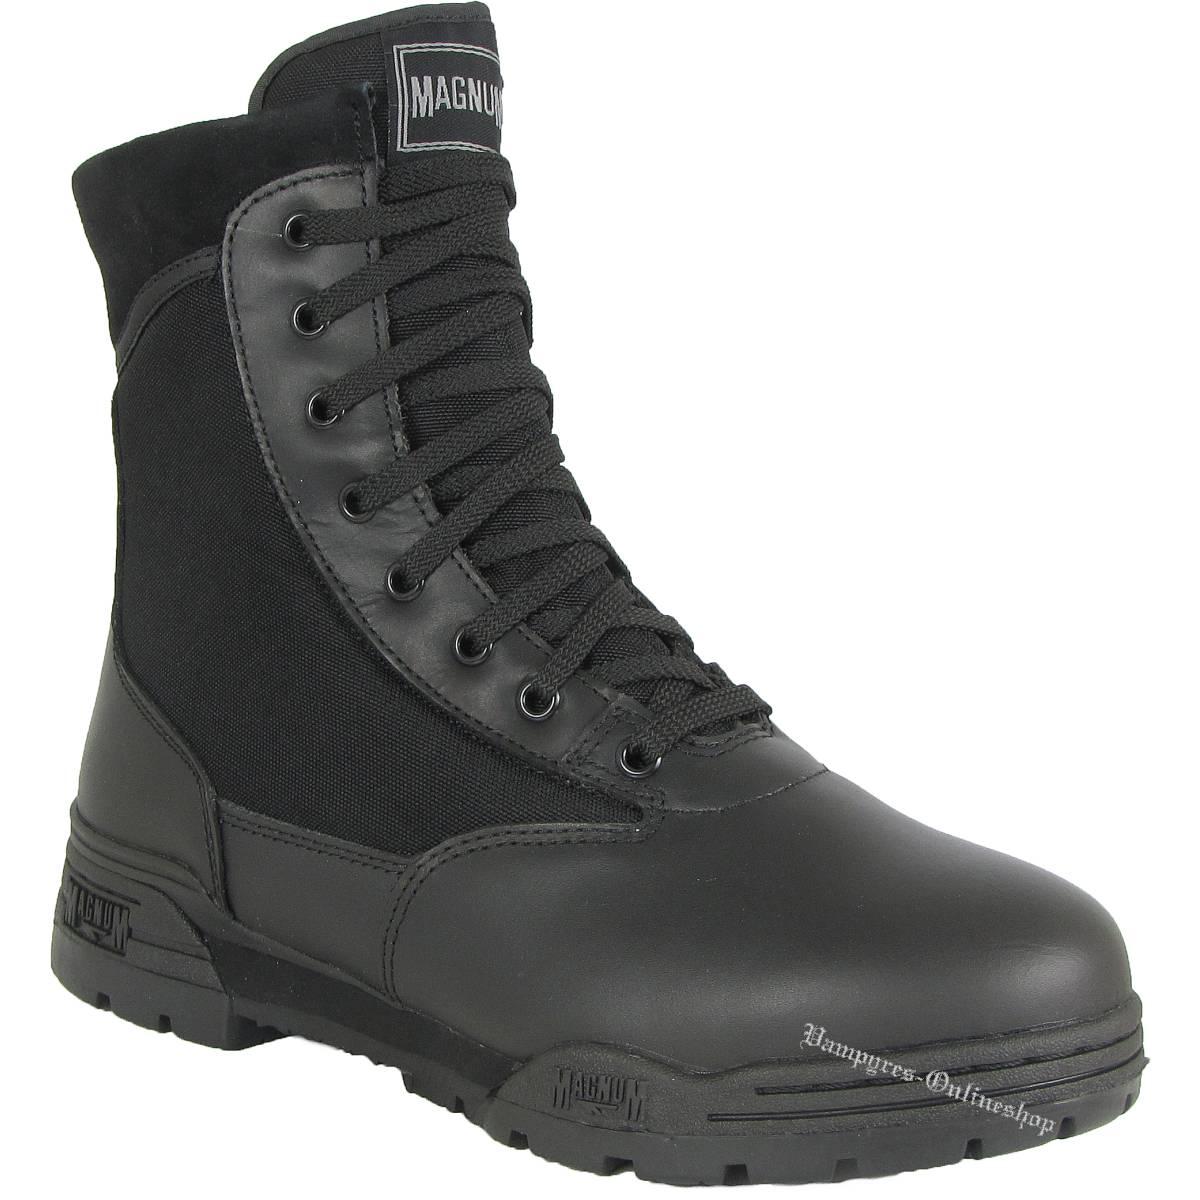 hi tec magnum regular classic boots stiefel schuhe ebay. Black Bedroom Furniture Sets. Home Design Ideas